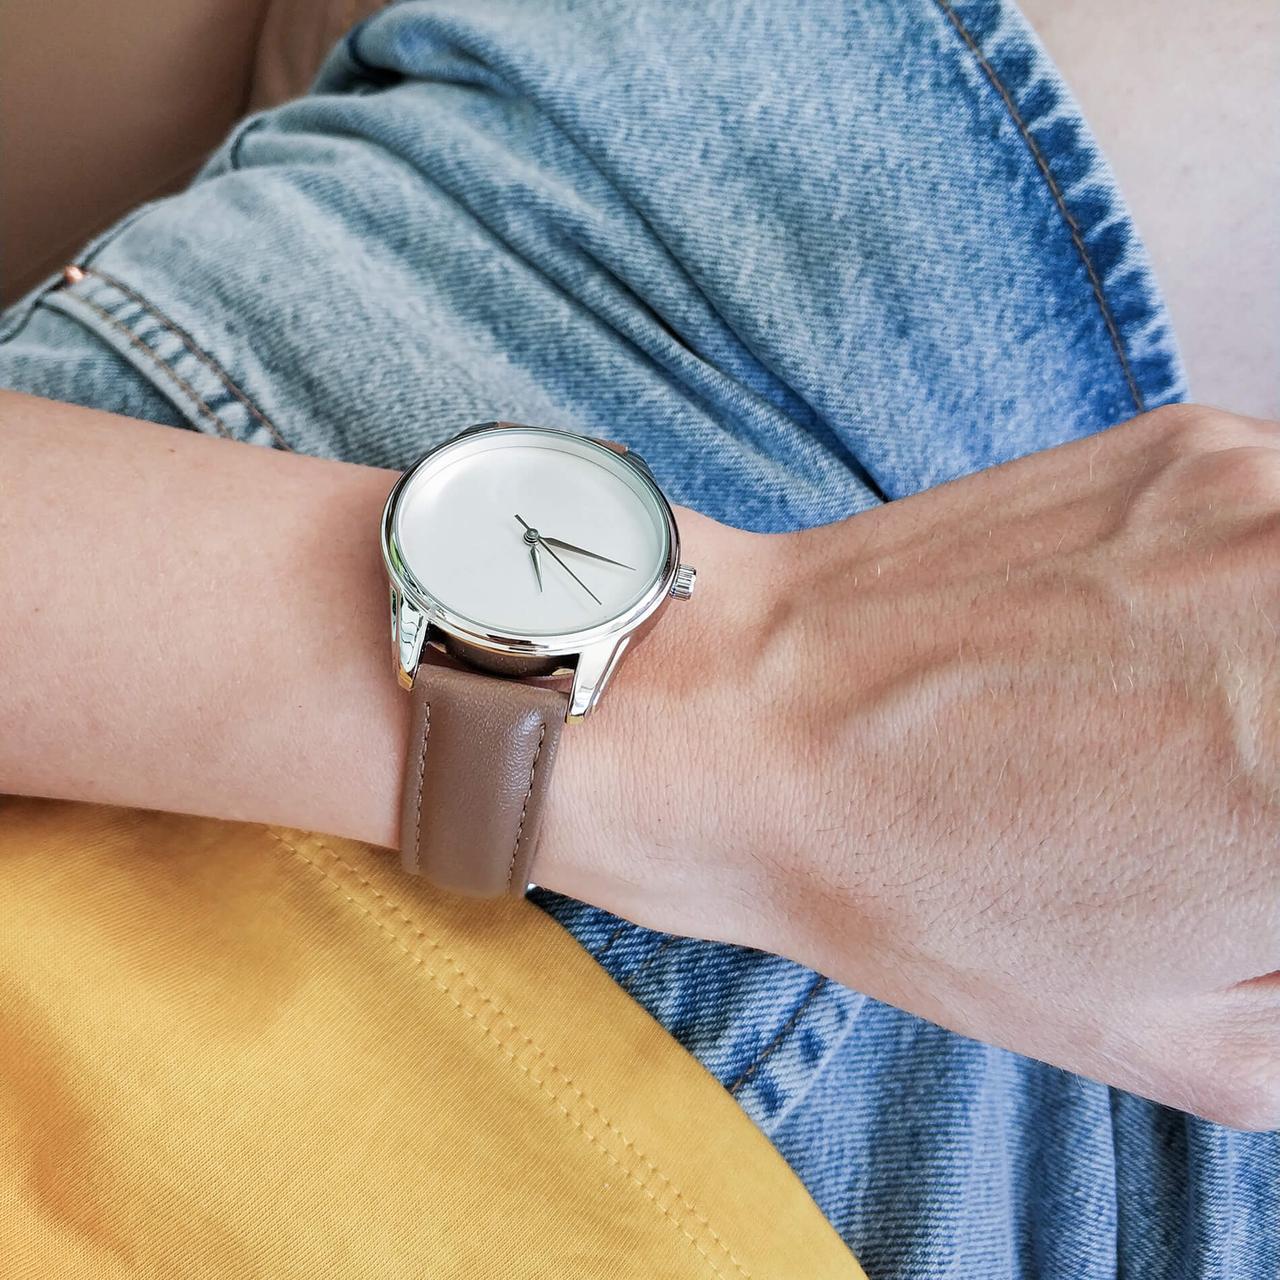 Годинник ZIZ Мінімалізм (ремінець сіро - коричневий, срібло) + додатковий ремінець